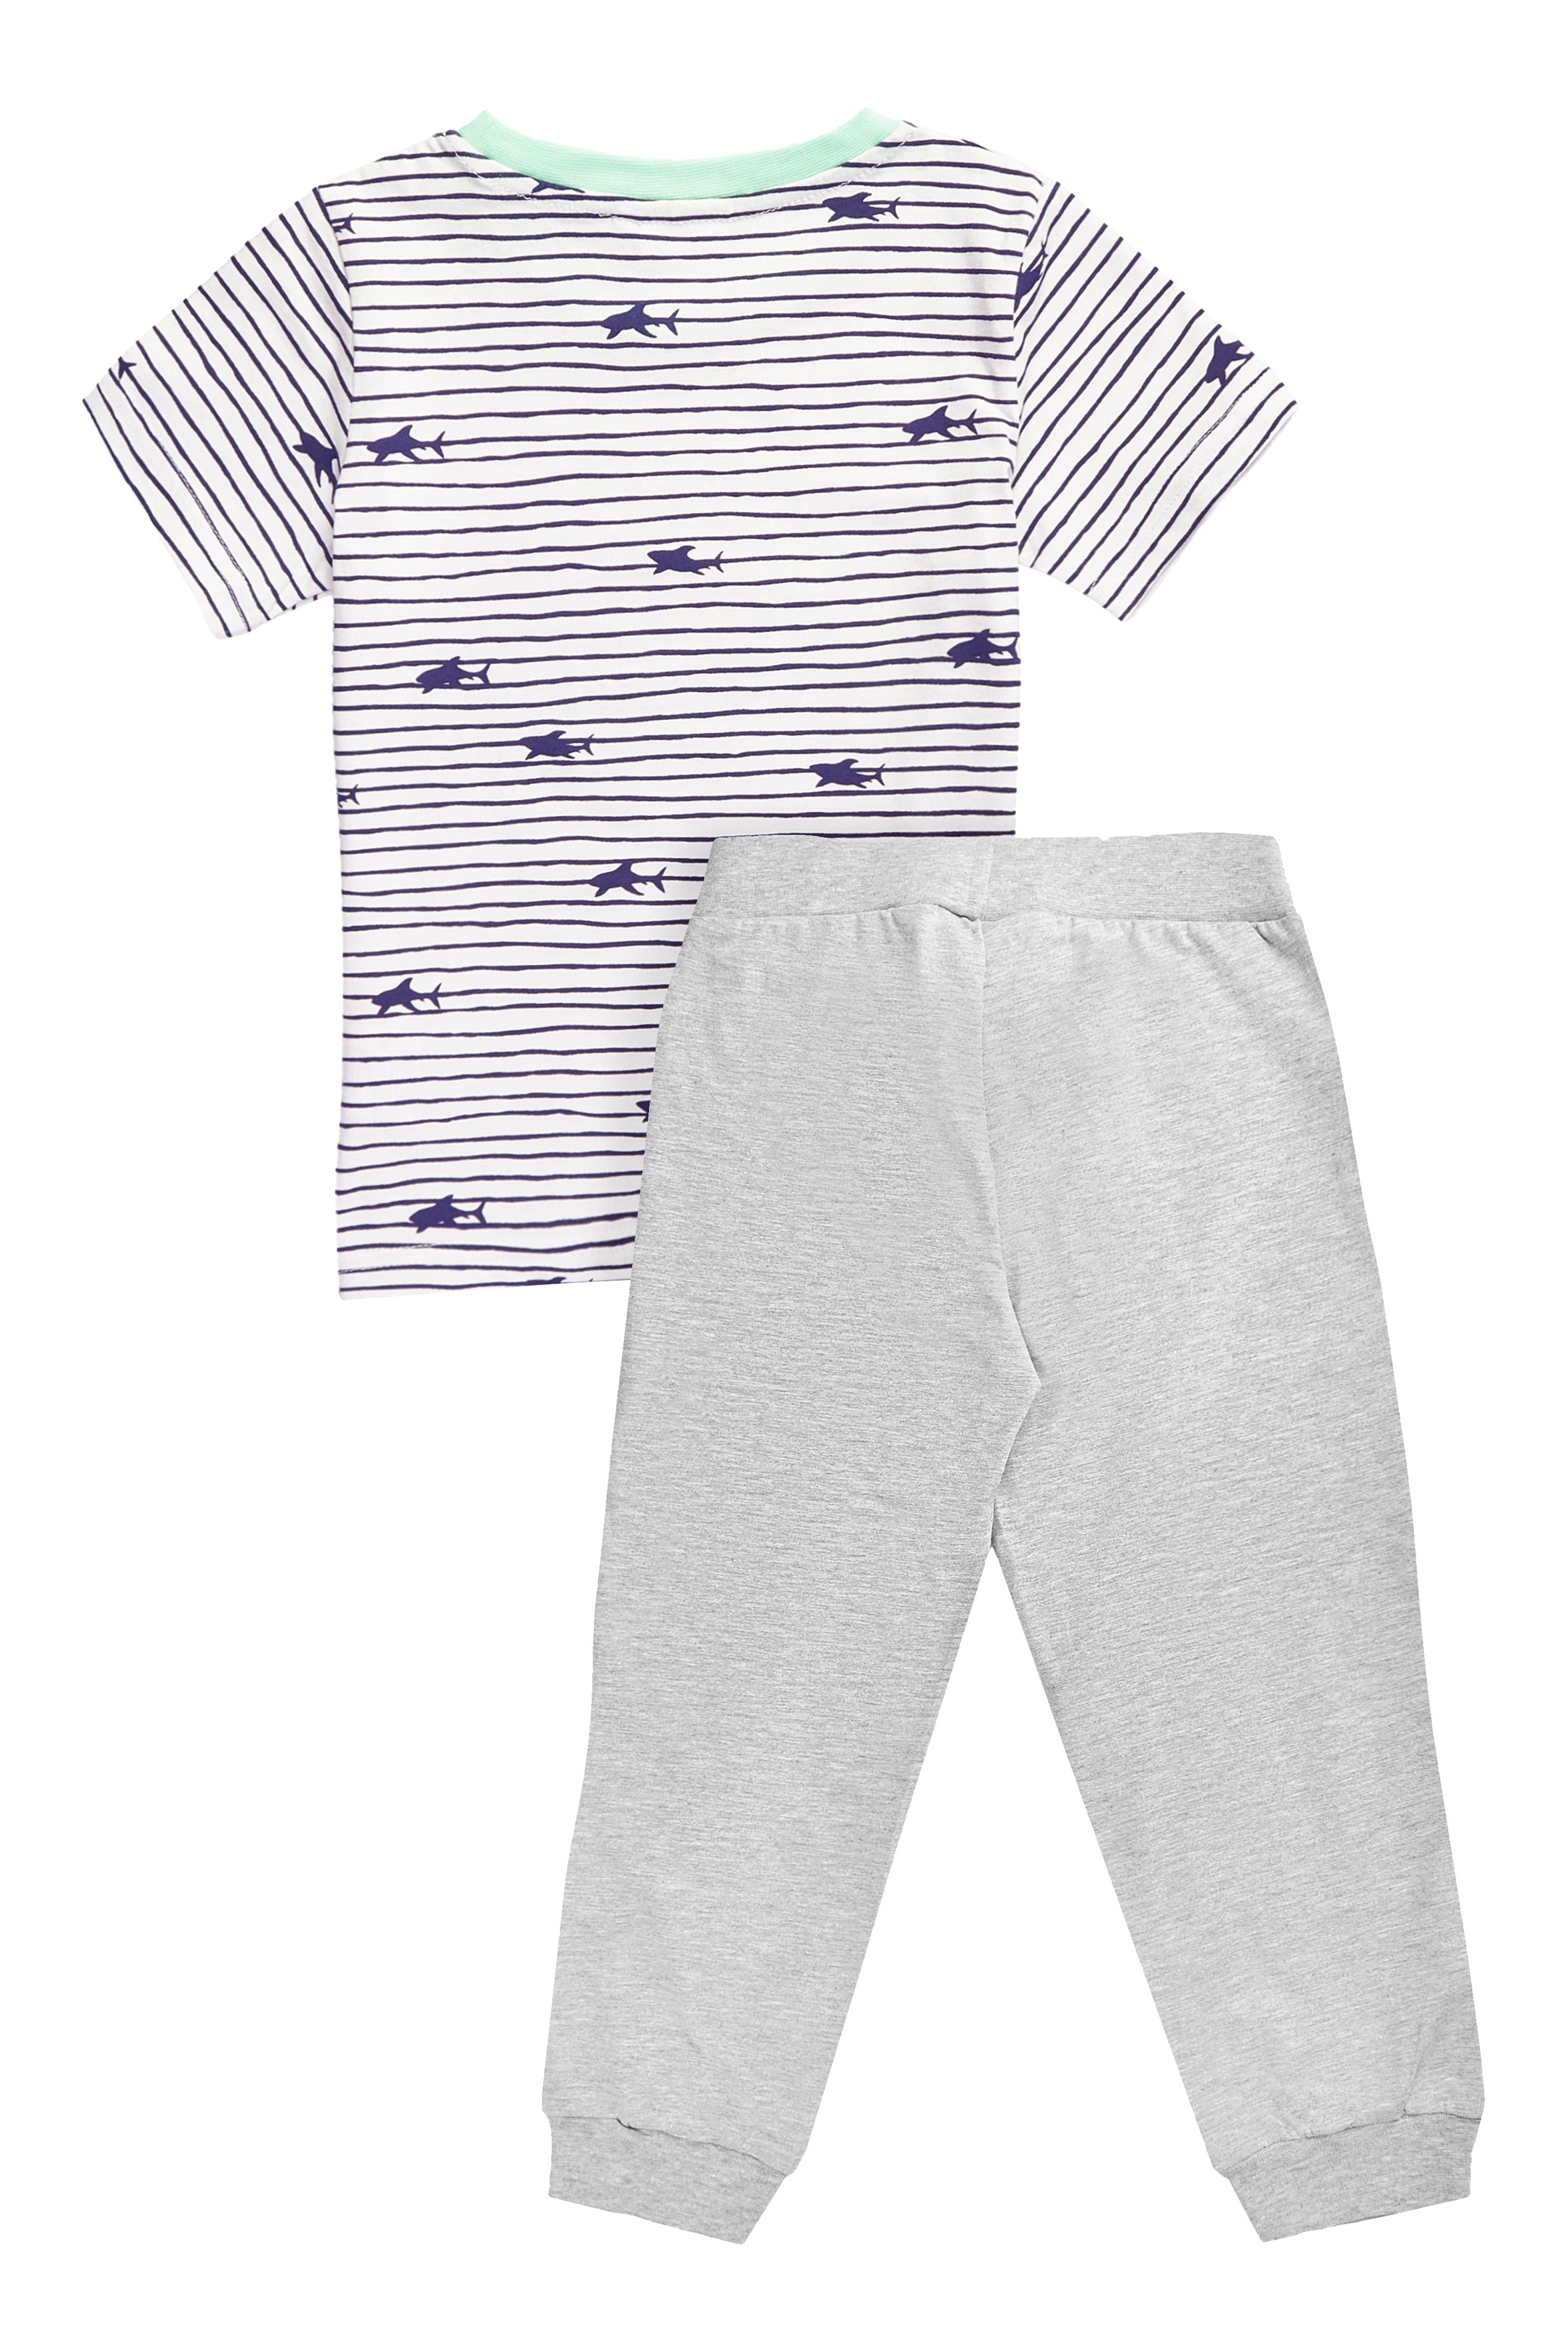 Chlapecké pyžamo Marine Bílá/Šedý melanž